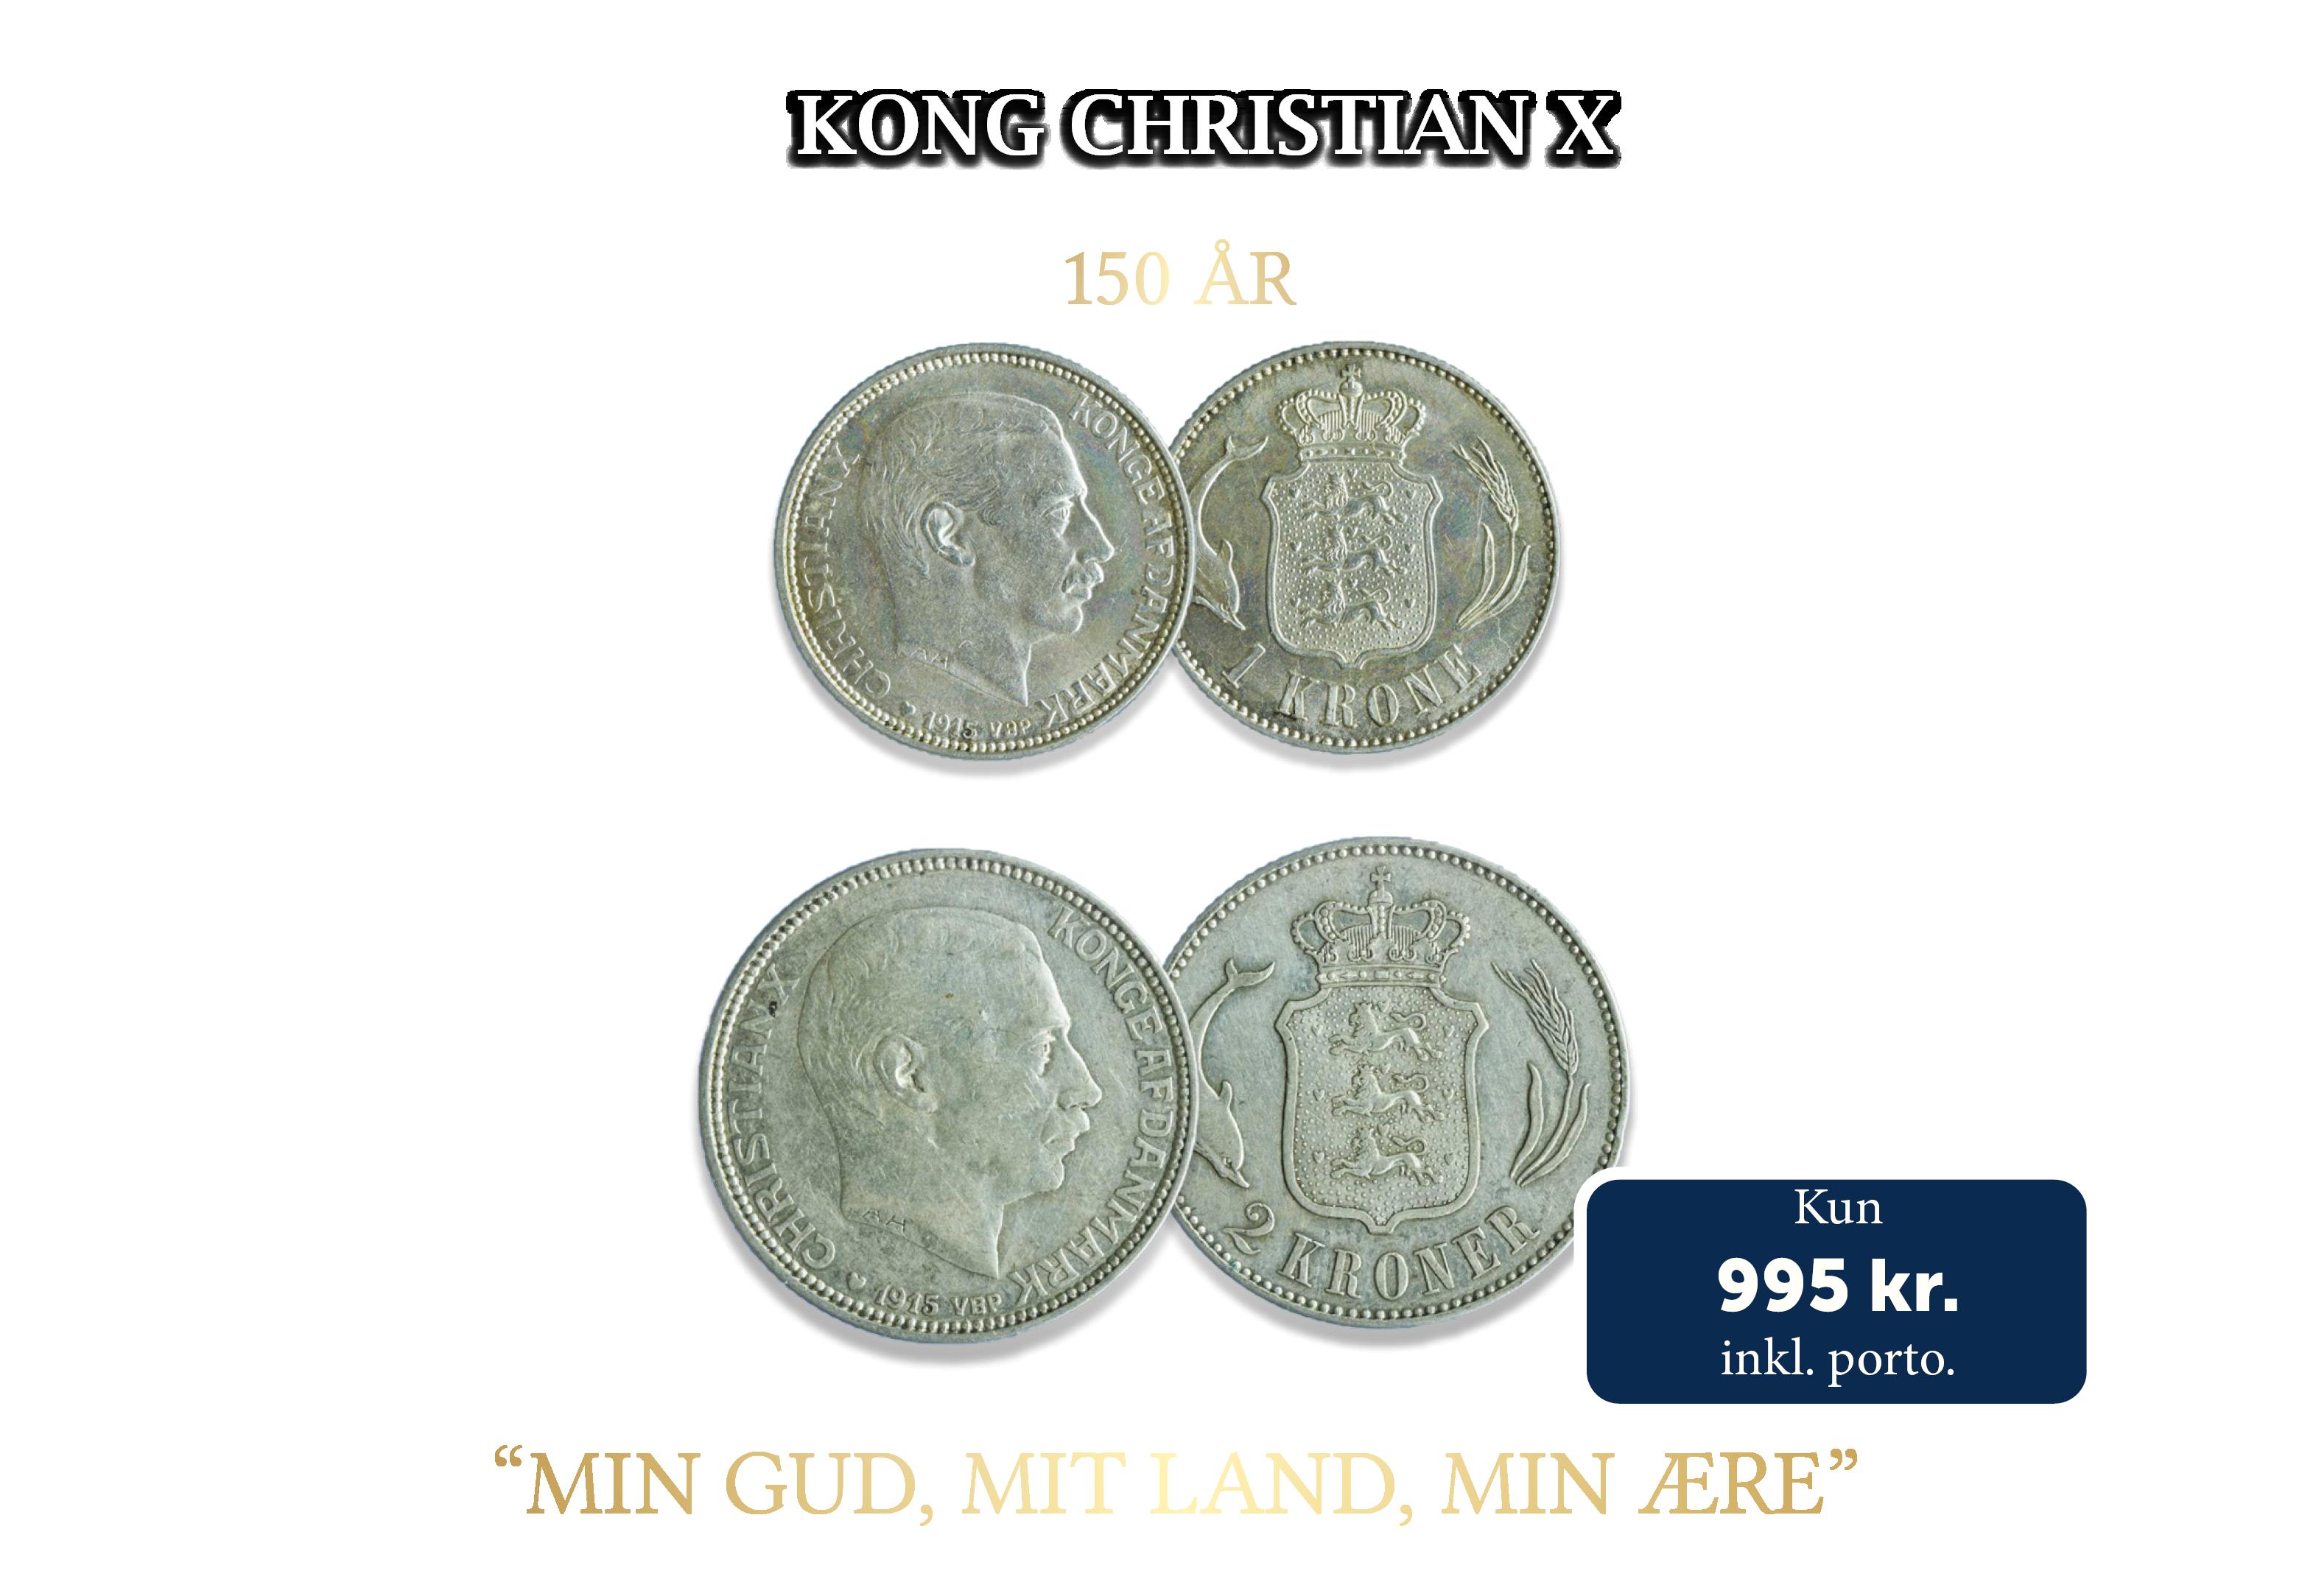 To originale danske sølvmønter samlet i et flot møntsæt.